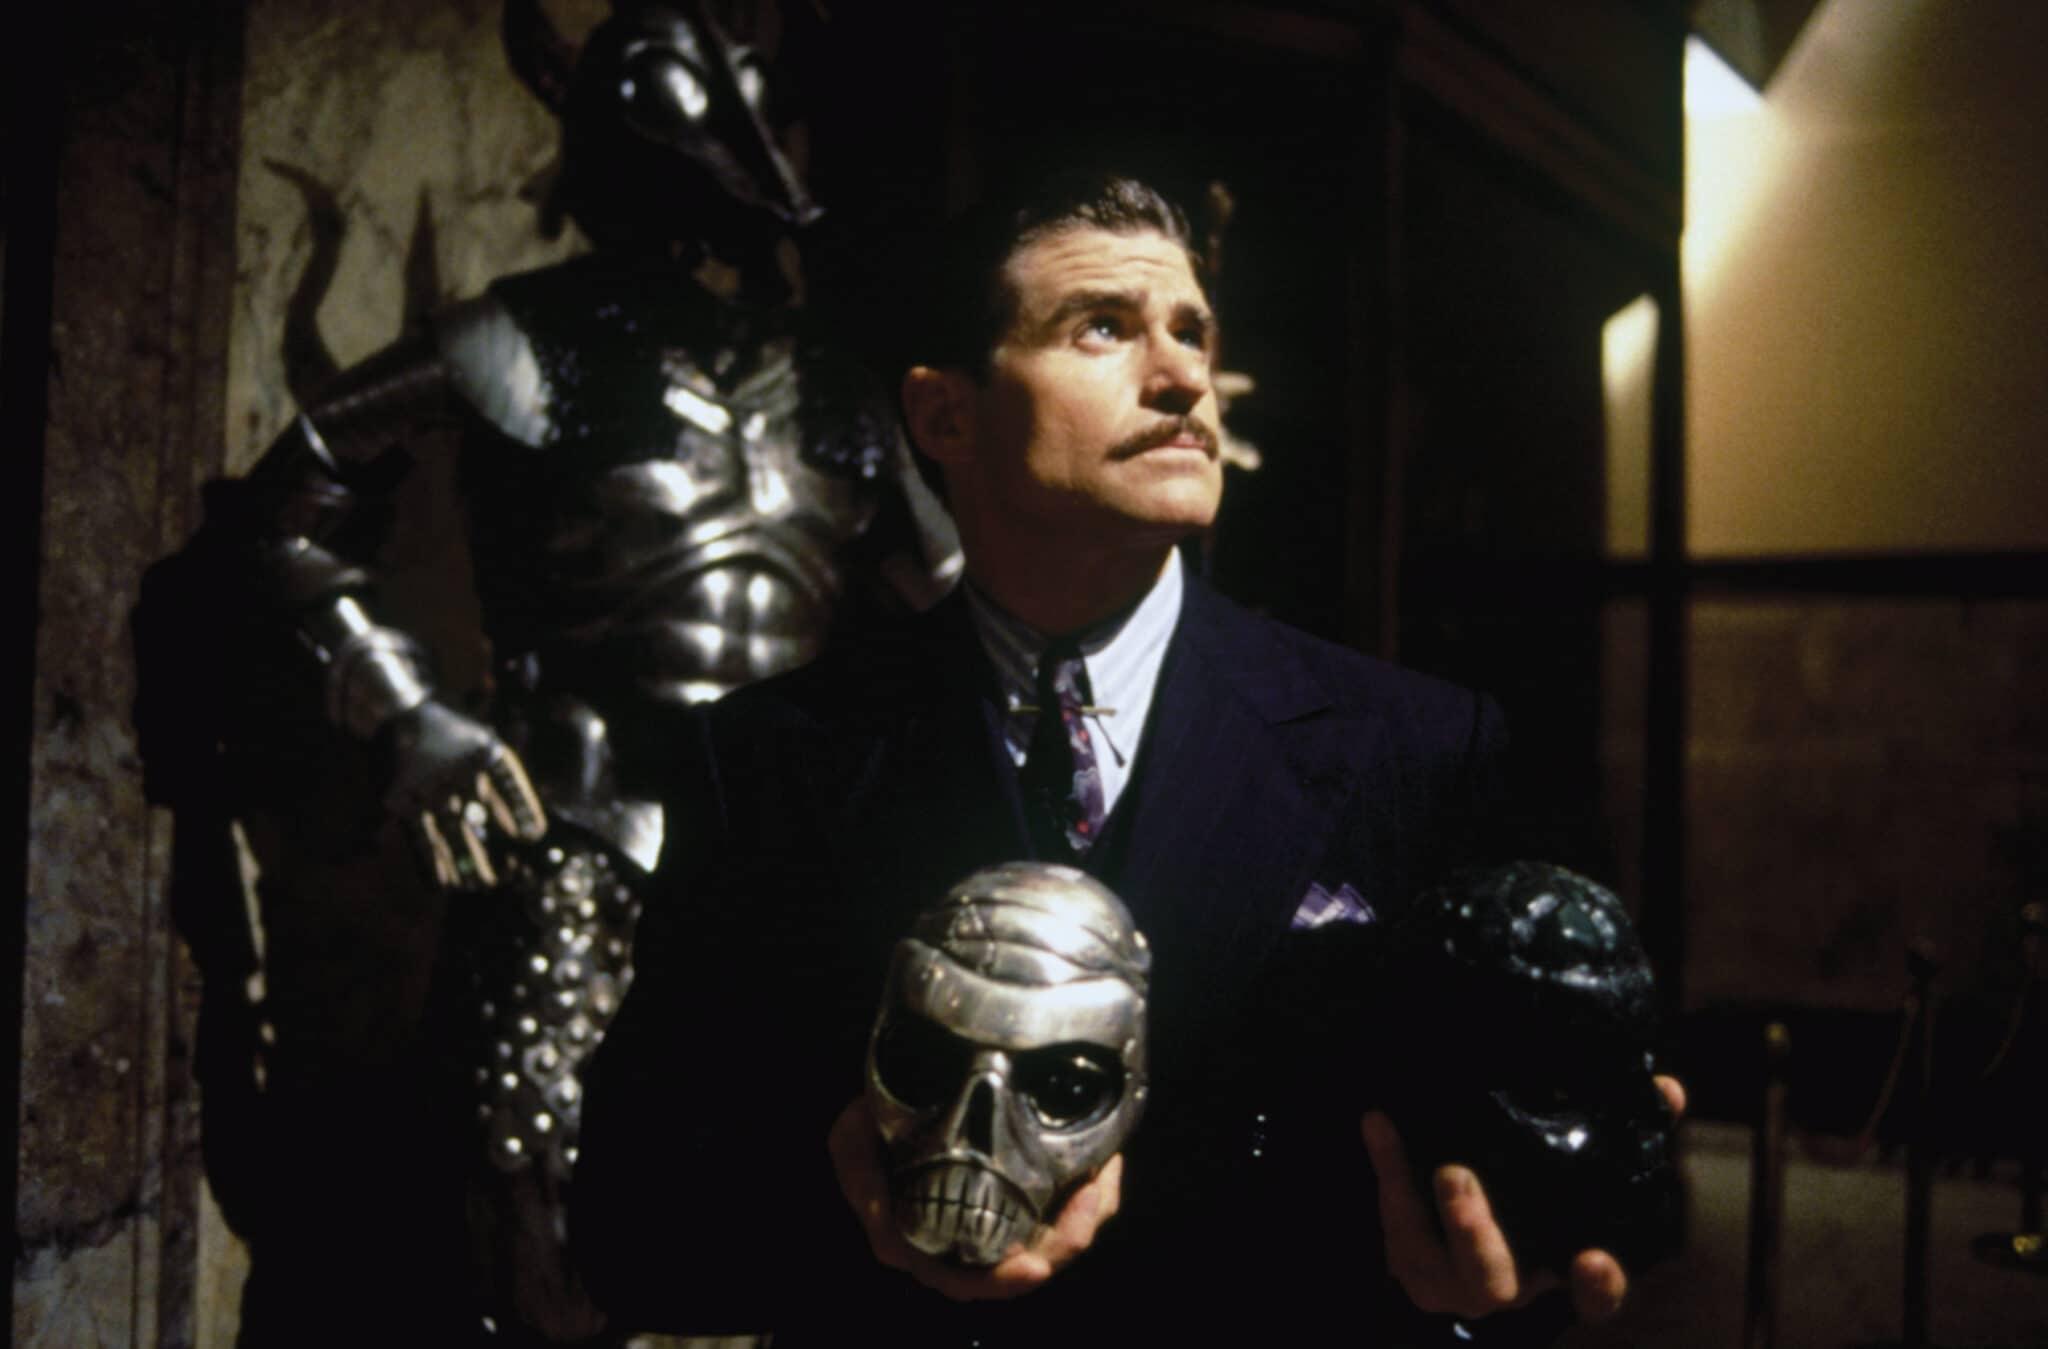 Treat Williams spielt den Bösewicht Xander Drax in Das Phantom. Er trägt einen schwarzen Anzug mit Krawatte, kurze Haare und einen Schnauzbart. In den Händen hält er einen silbernen und schwarzen Totenkopf aus Metall, im Hintergrund sind alte Rüstungen in einem Museum zu sehen.